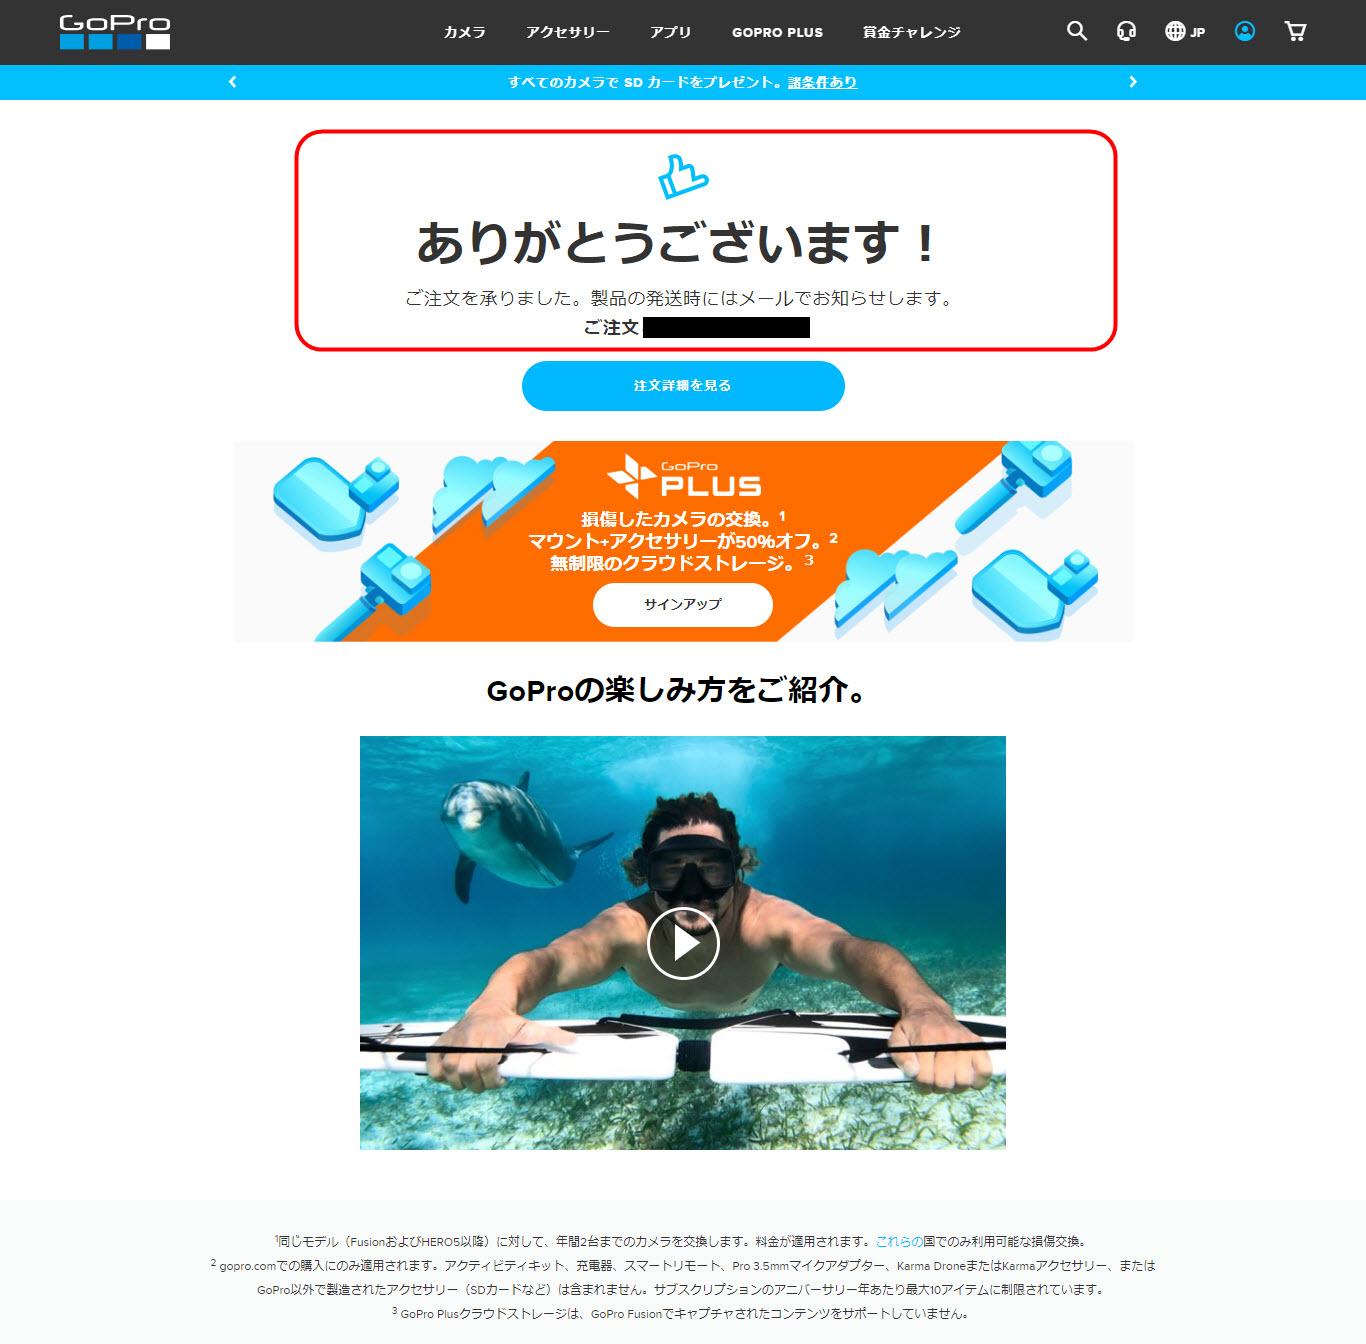 GoPro ゴープロ 公式サイト 買い方 購入方法 安い SDカード 特典 送料無料 支払い方法 支払い方法 使い方 アフィリエイト クレジットカード ASP